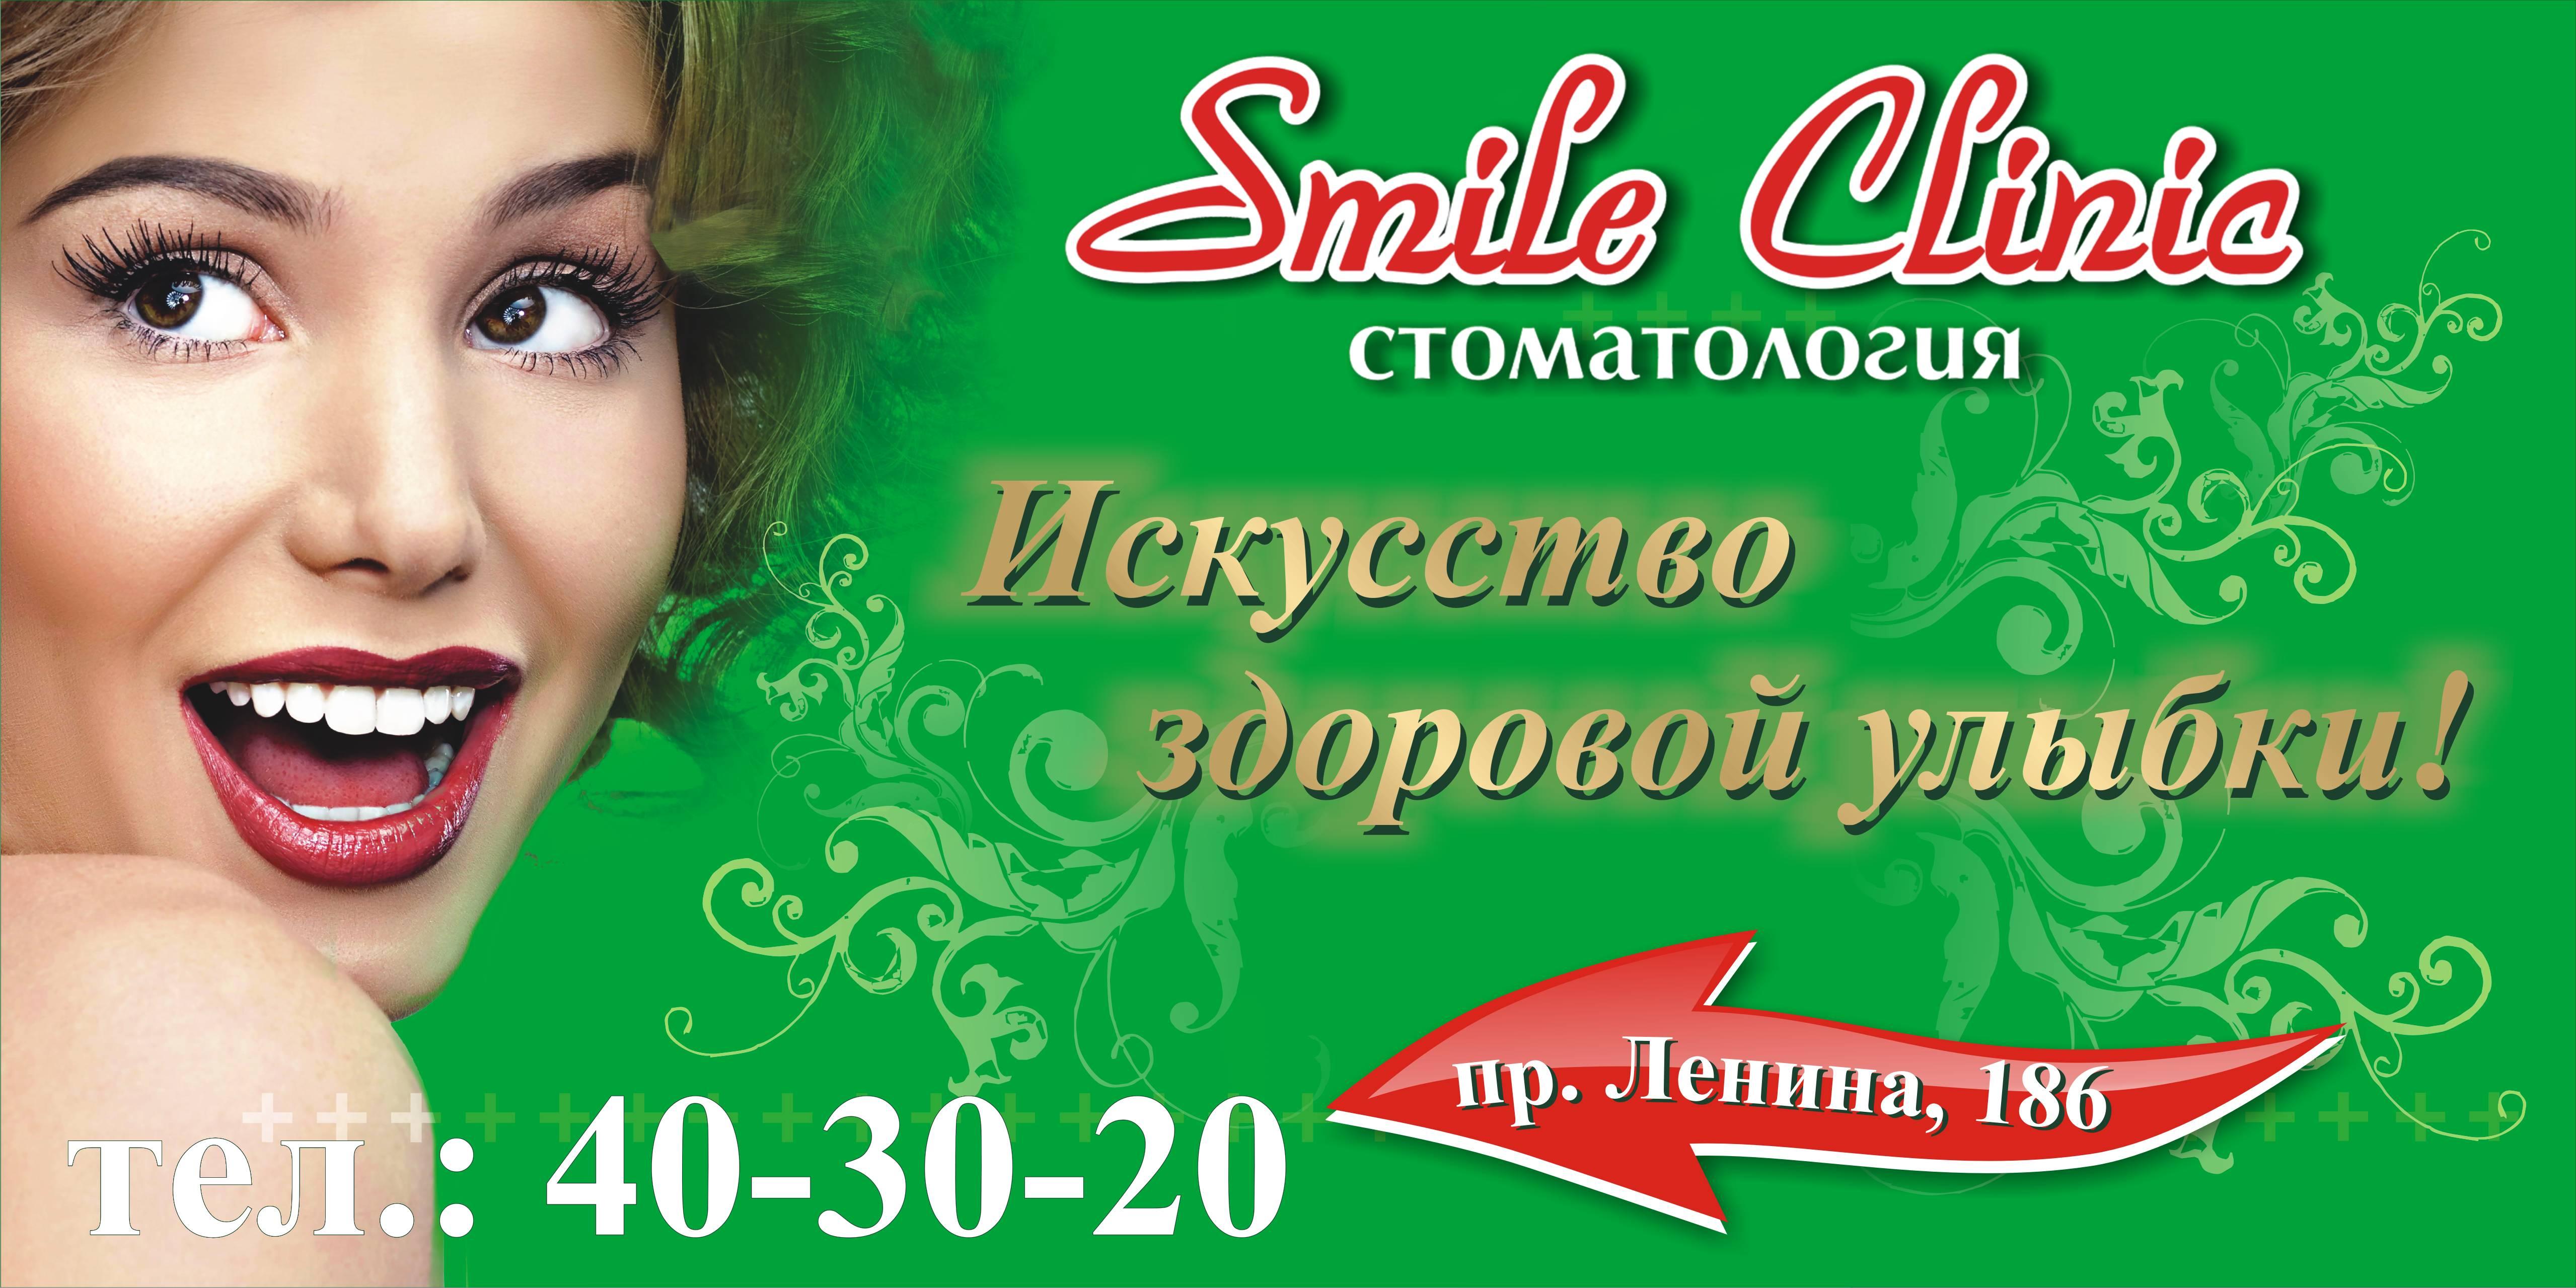 Картинки реклама стоматологическая клиника